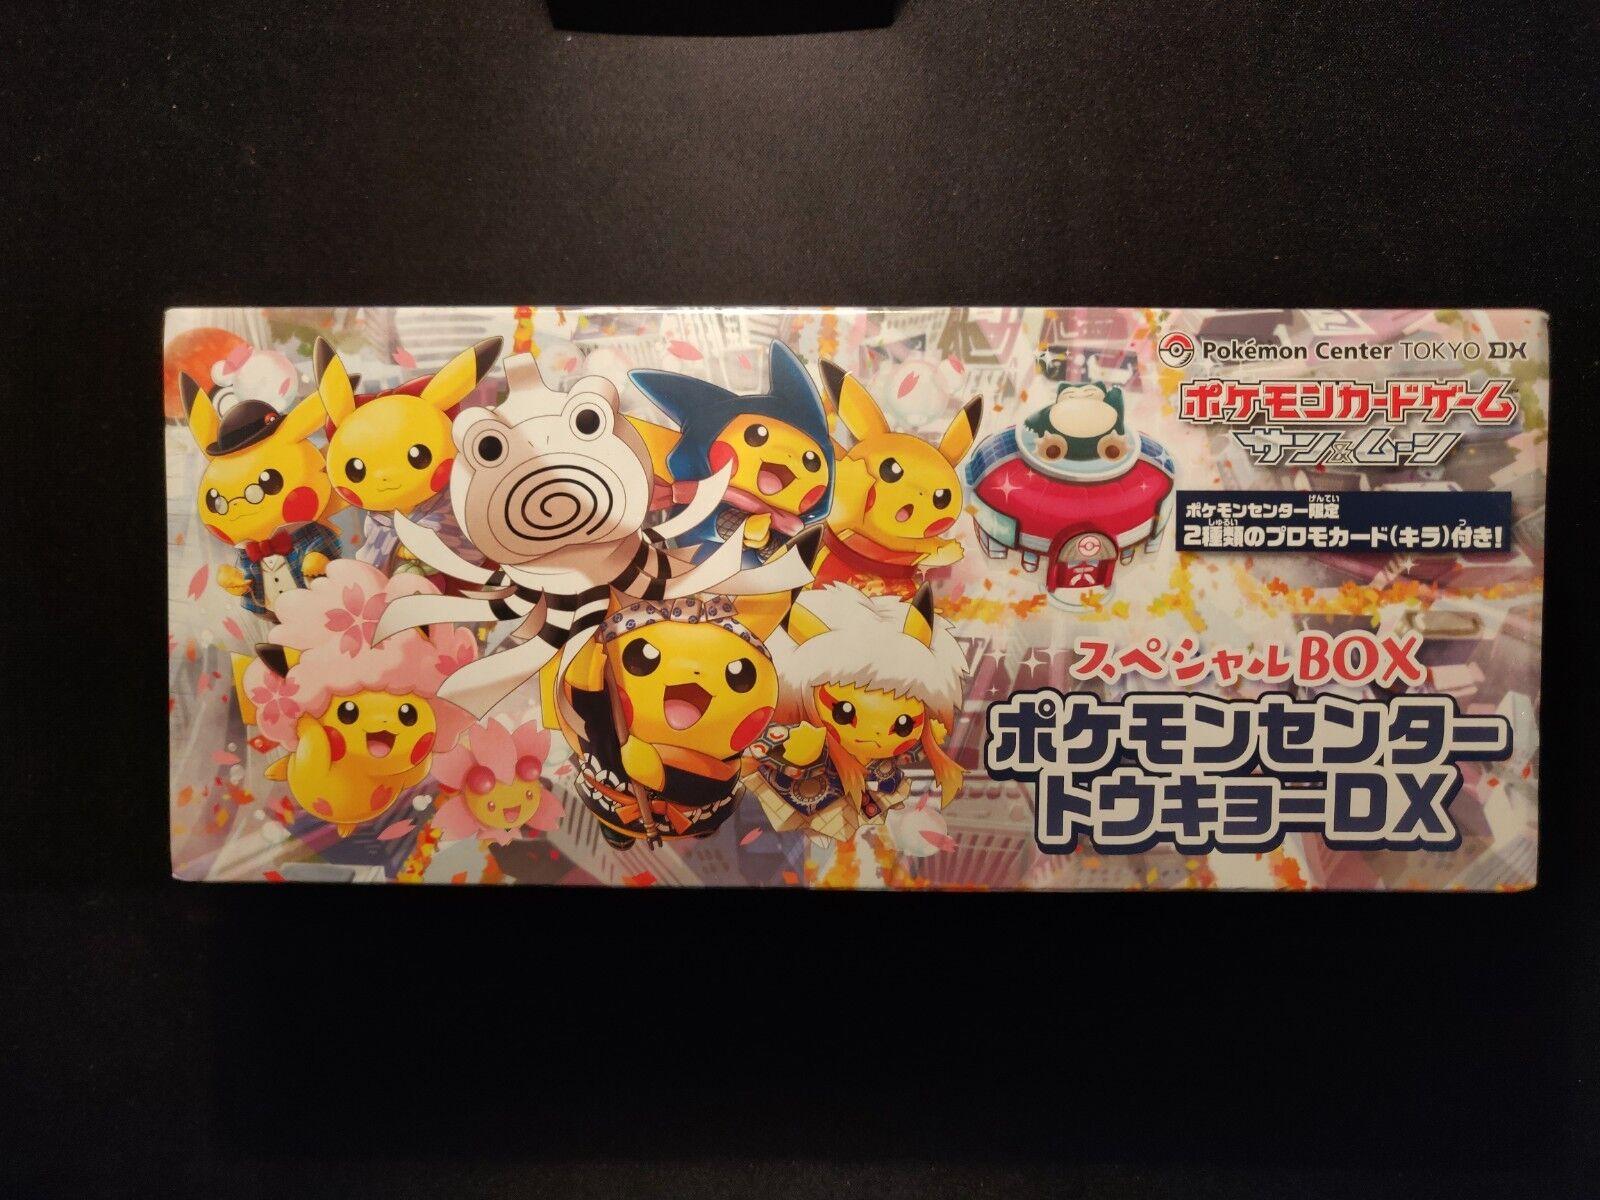 Pokemon Tcg Tokyo DX japonés exclusivo exclusivo exclusivo Centro Pokémon Pikachu Promo Caja Sellada  mas barato